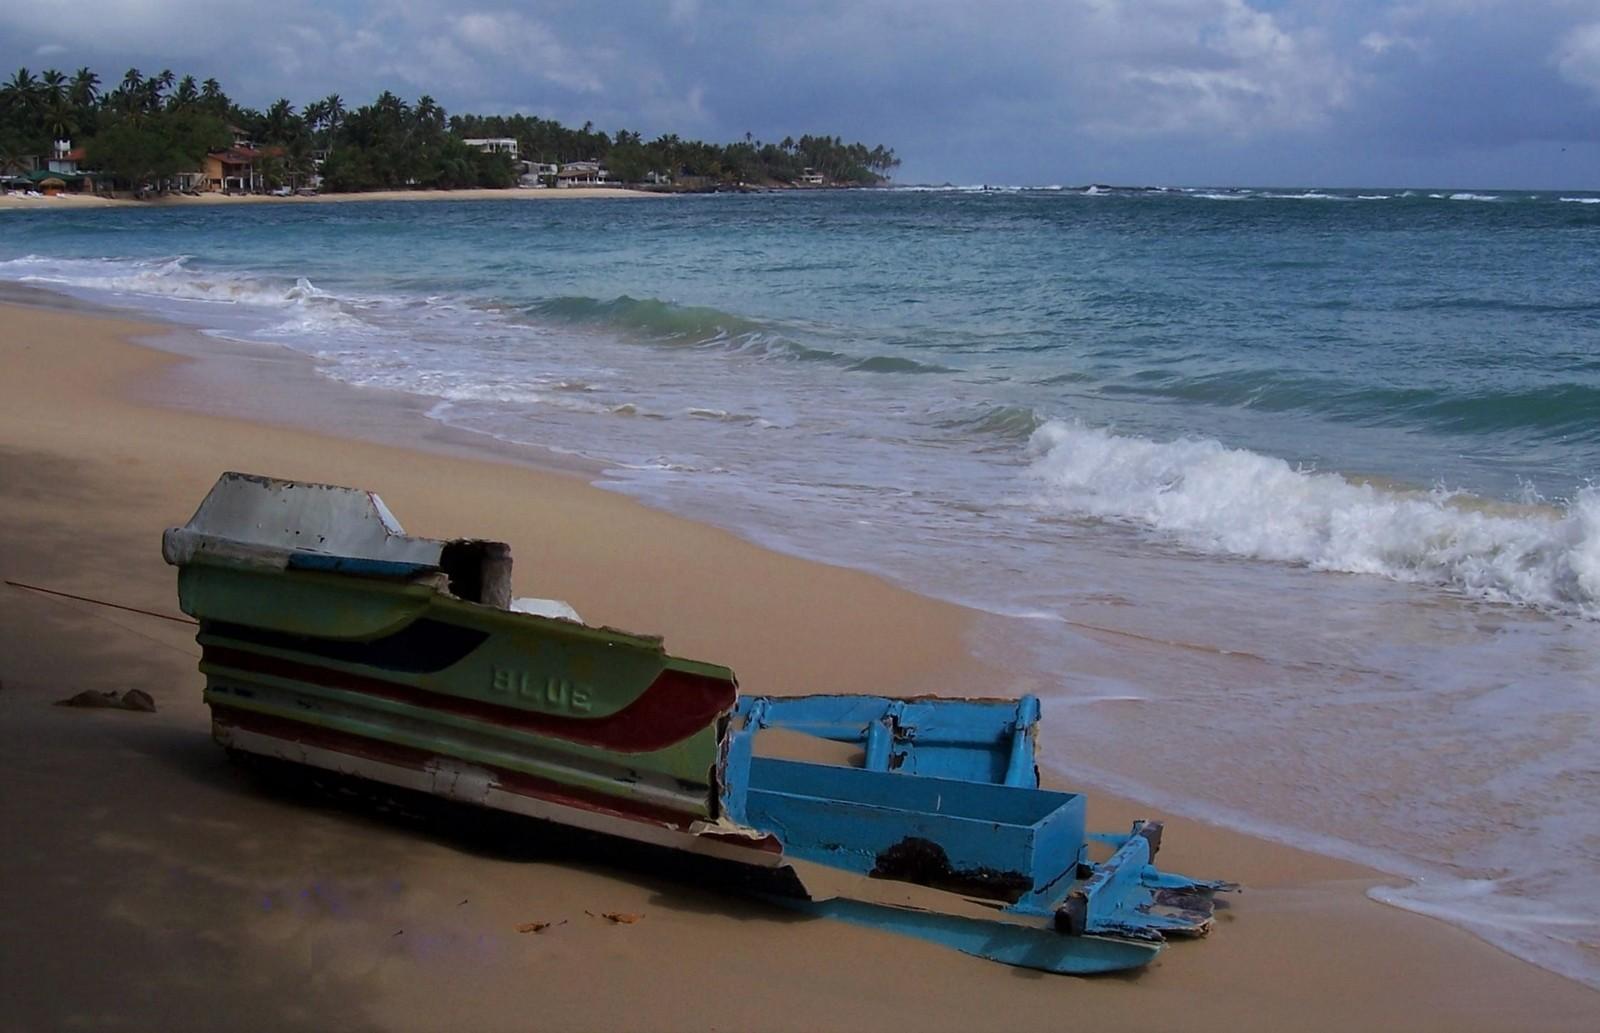 Durch den Tsunami zerstörtes Boot am Strand von Unawatuna